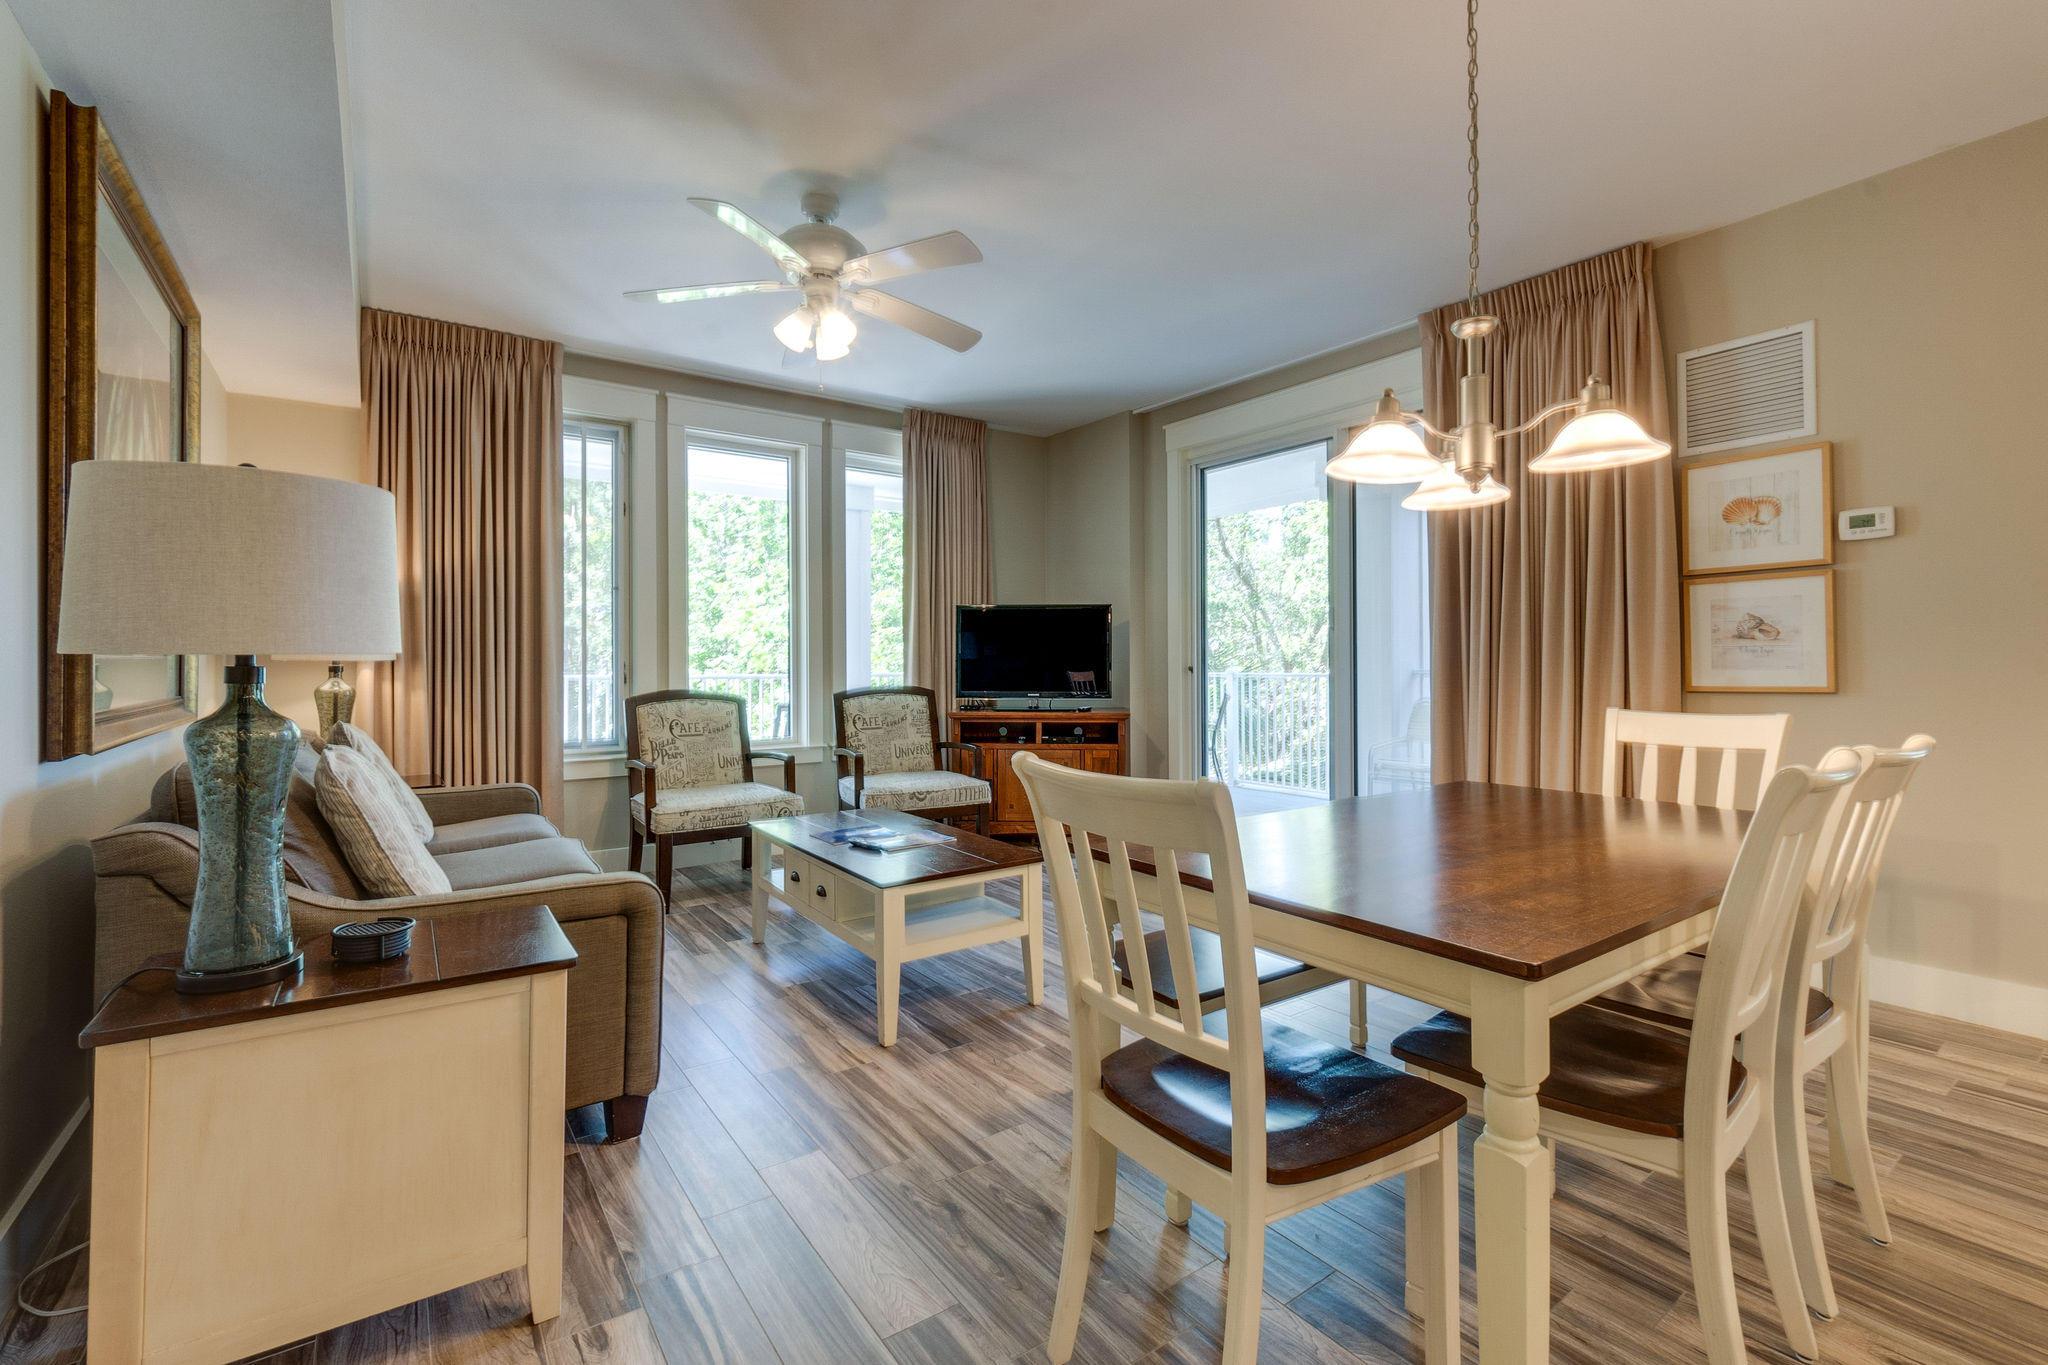 A 2 Bedroom 2 Bedroom Market Street Inn Condominium